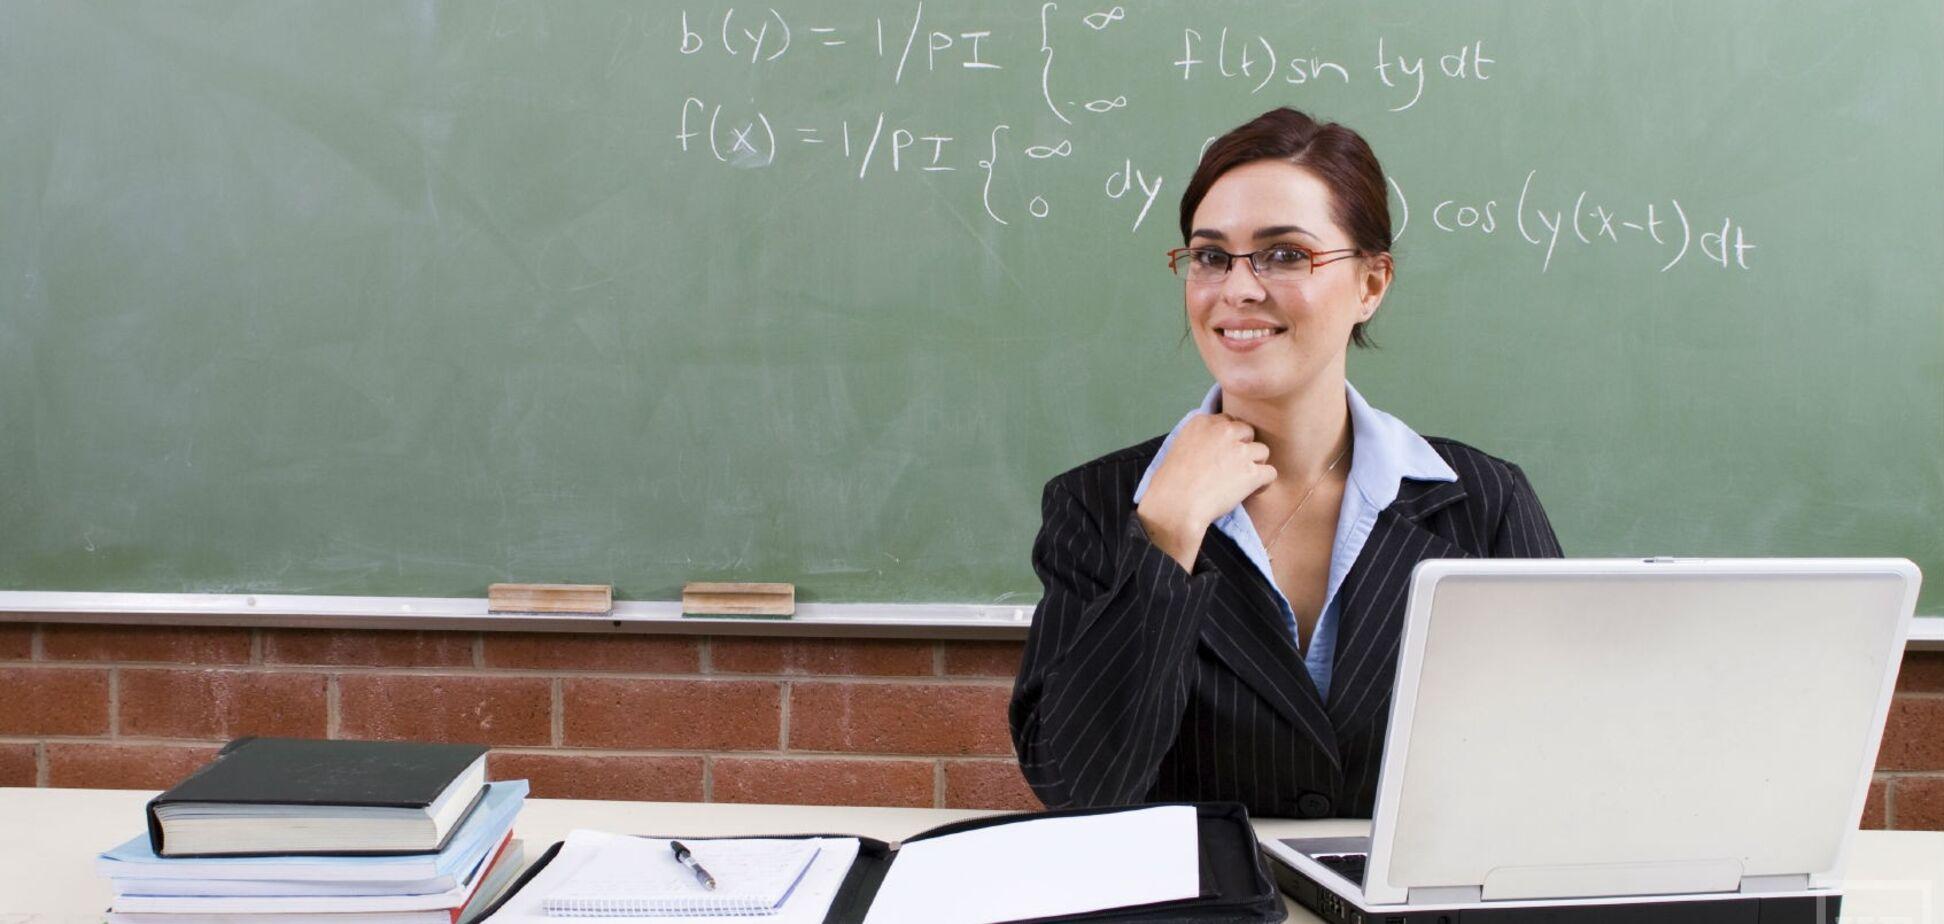 В Україні запустили серіал для вчителів про онлайн-сервіси